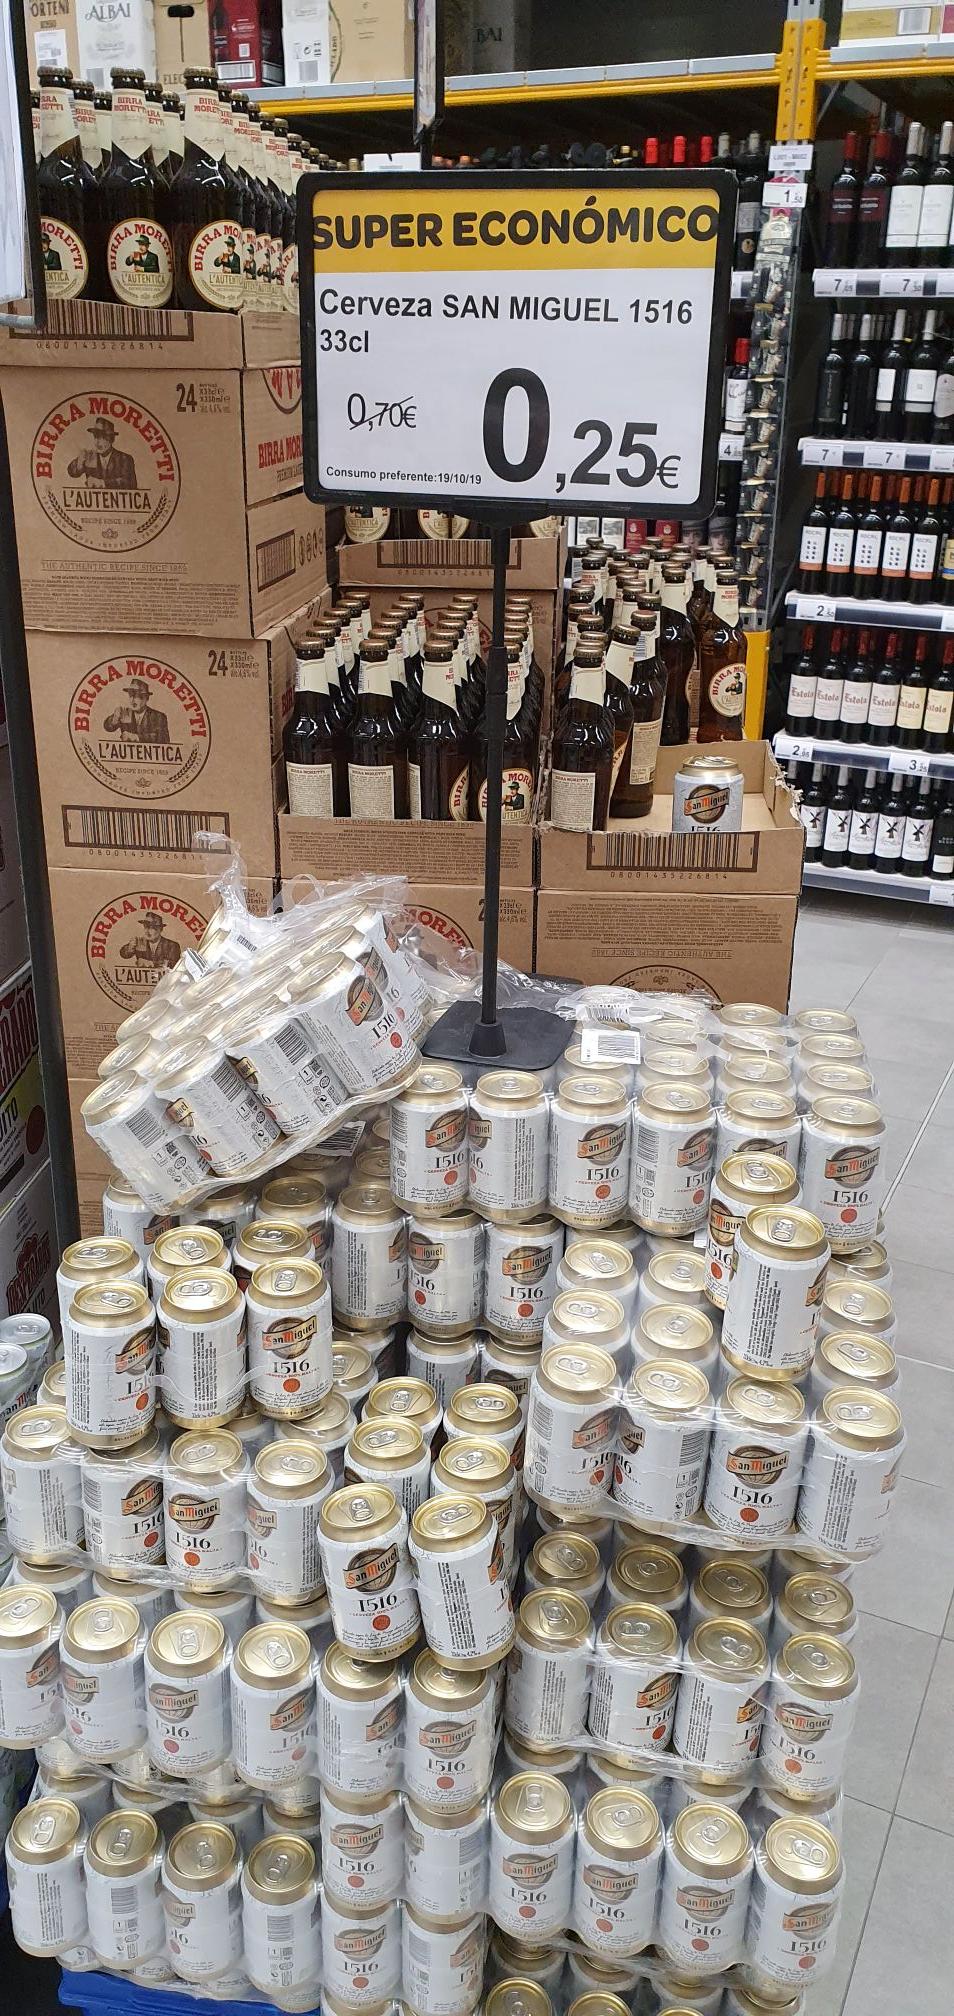 Cerveza San Miguel 1516 - Supeco Villaverde